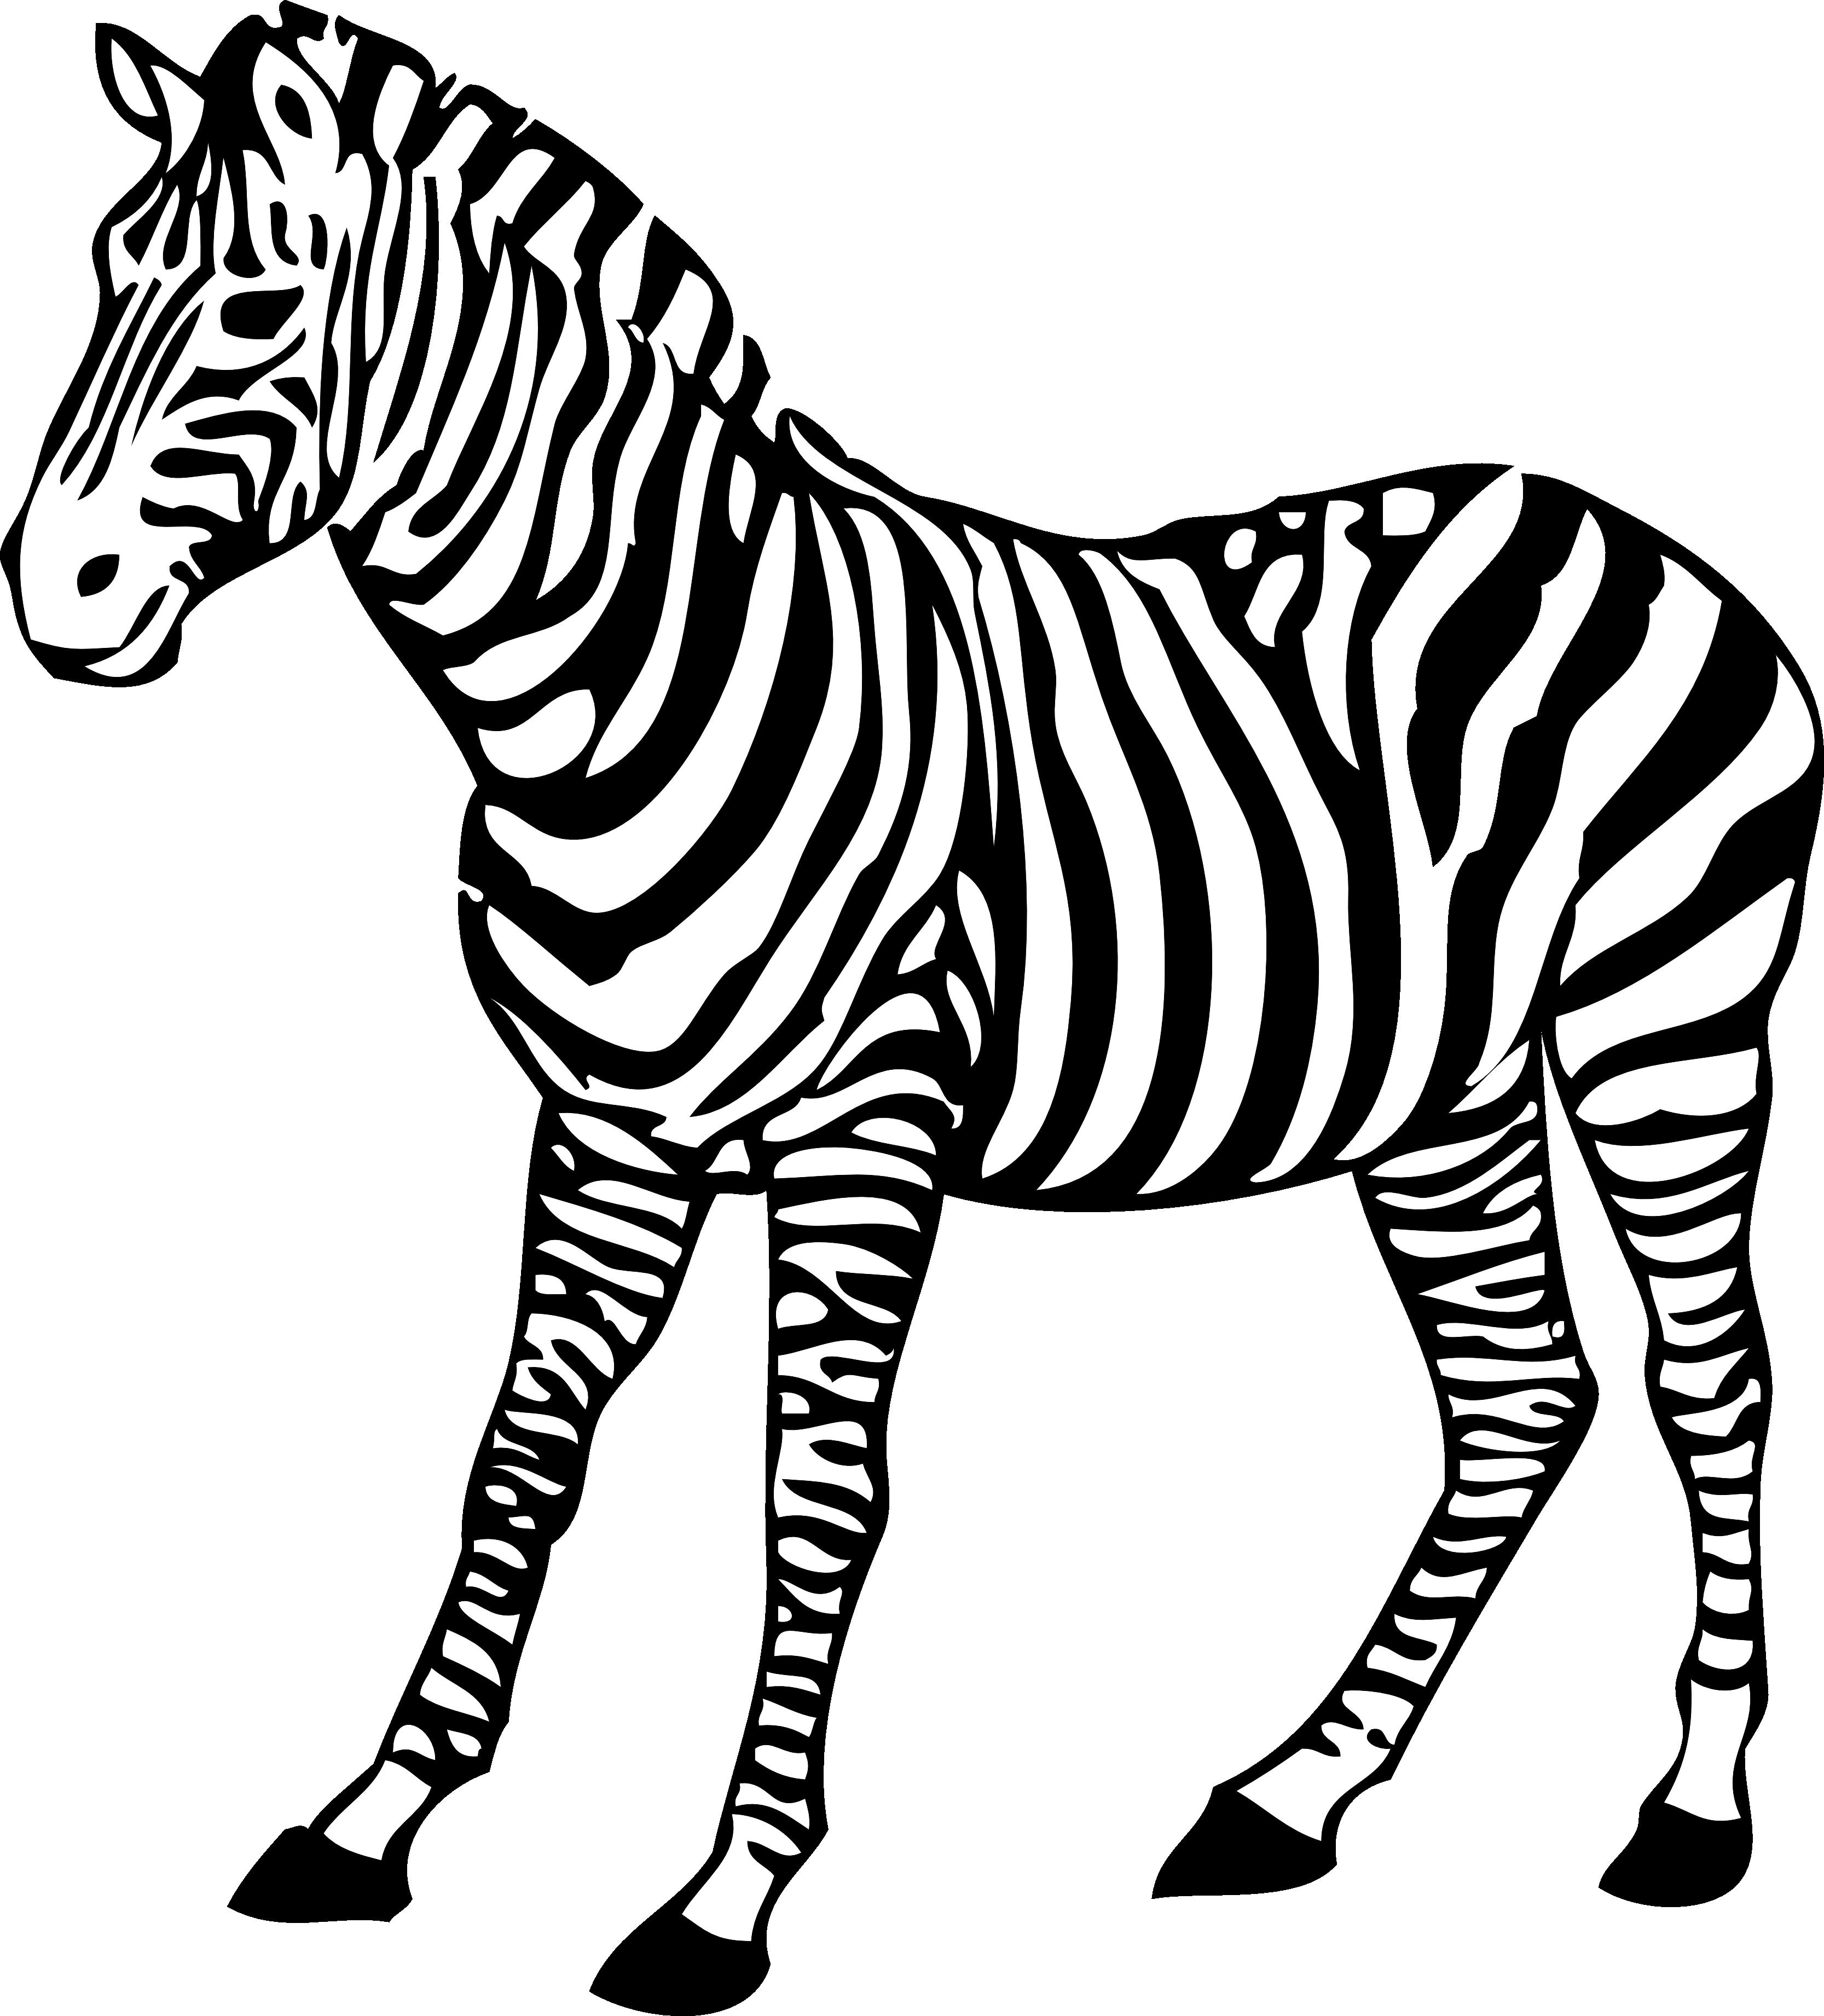 3538 Zebra free clipart.